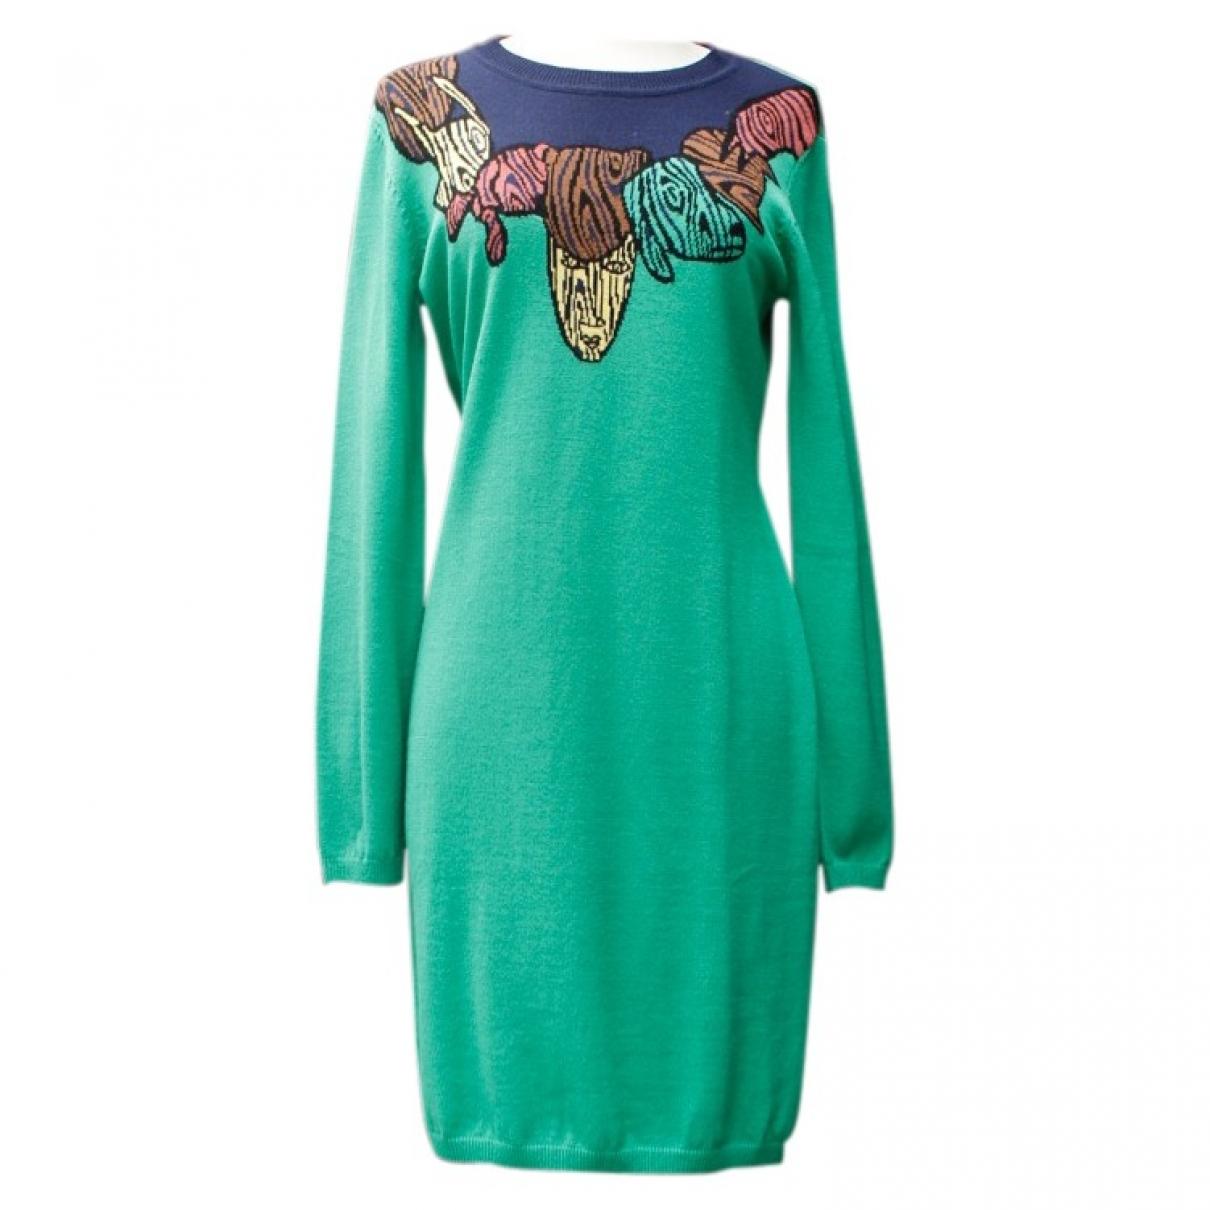 Jc De Castelbajac \N Kleid in  Gruen Wolle